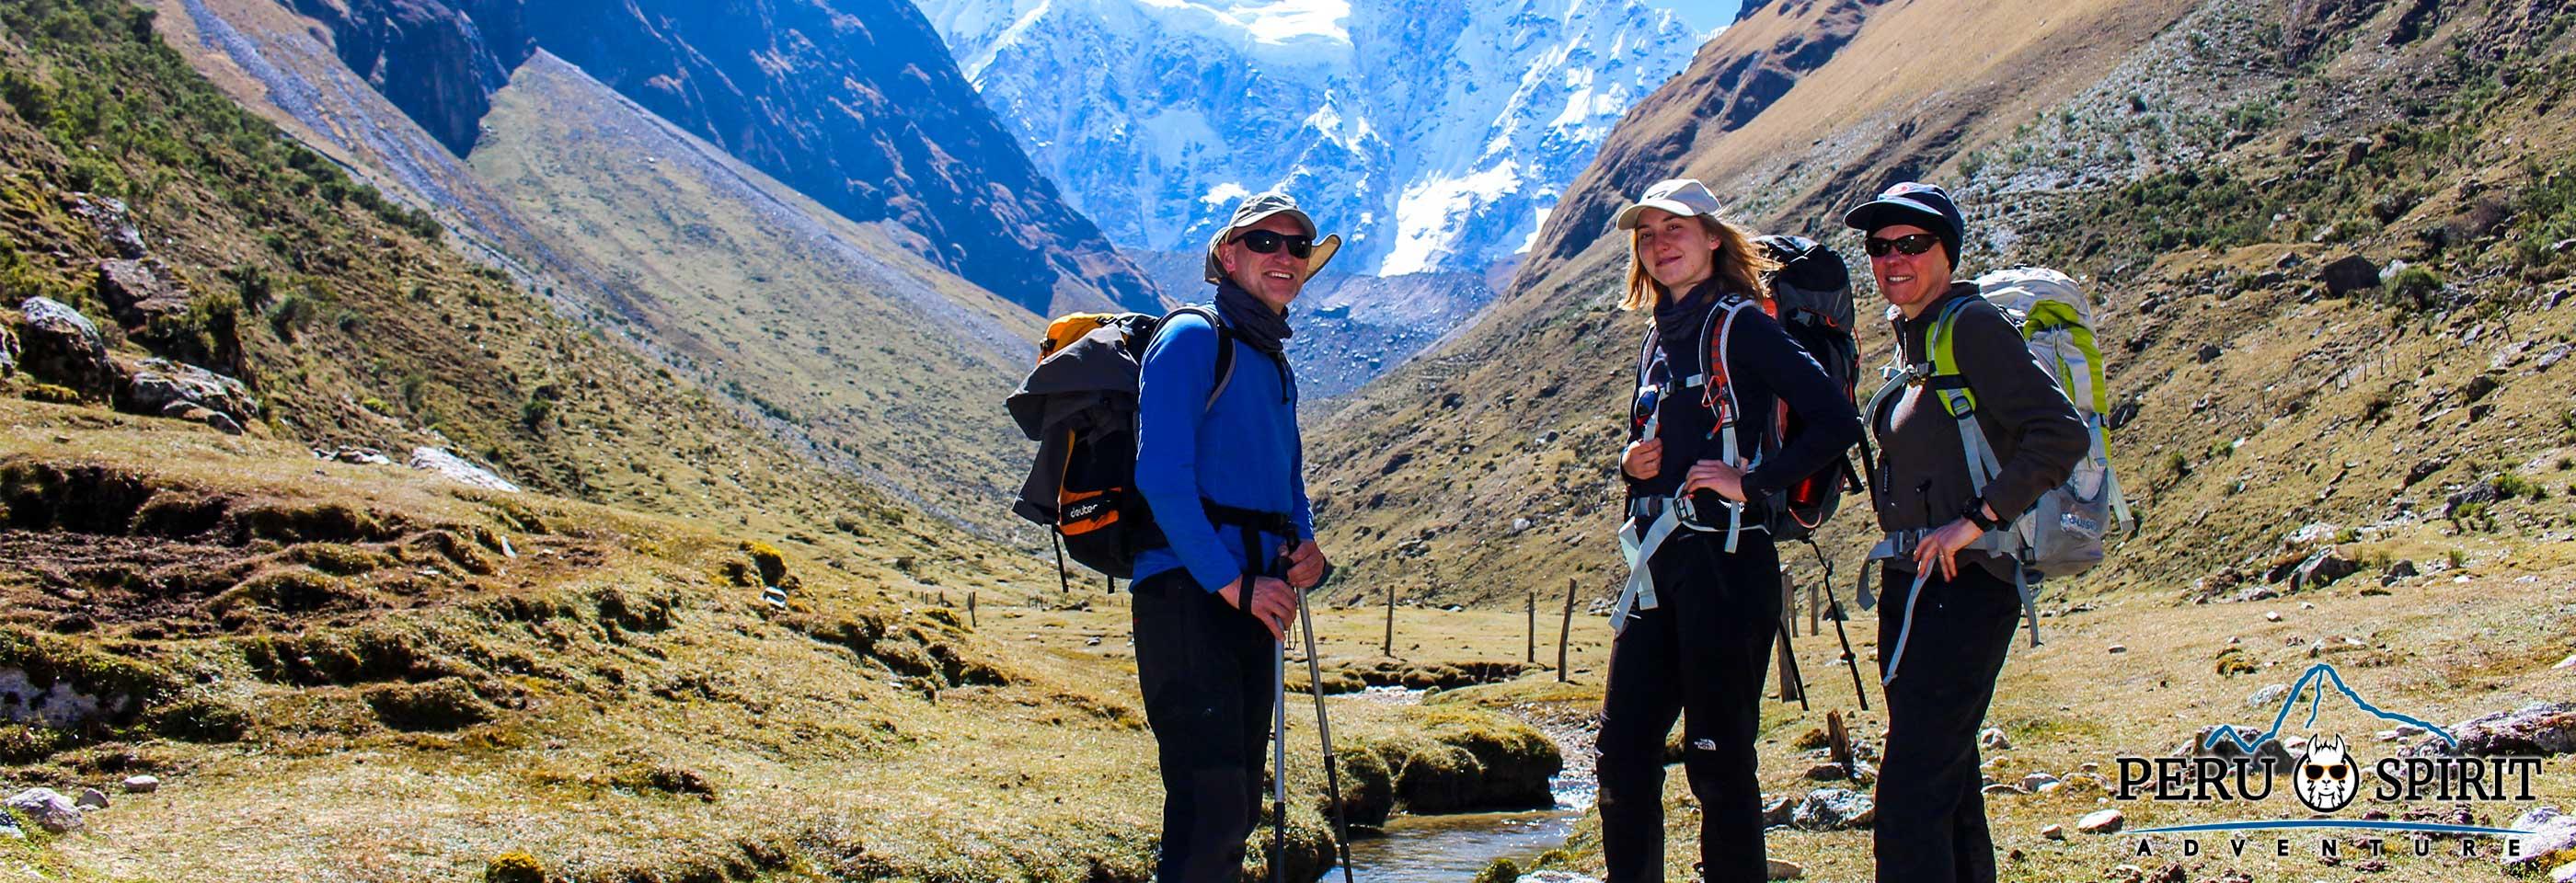 Classic Salkantay Trekking